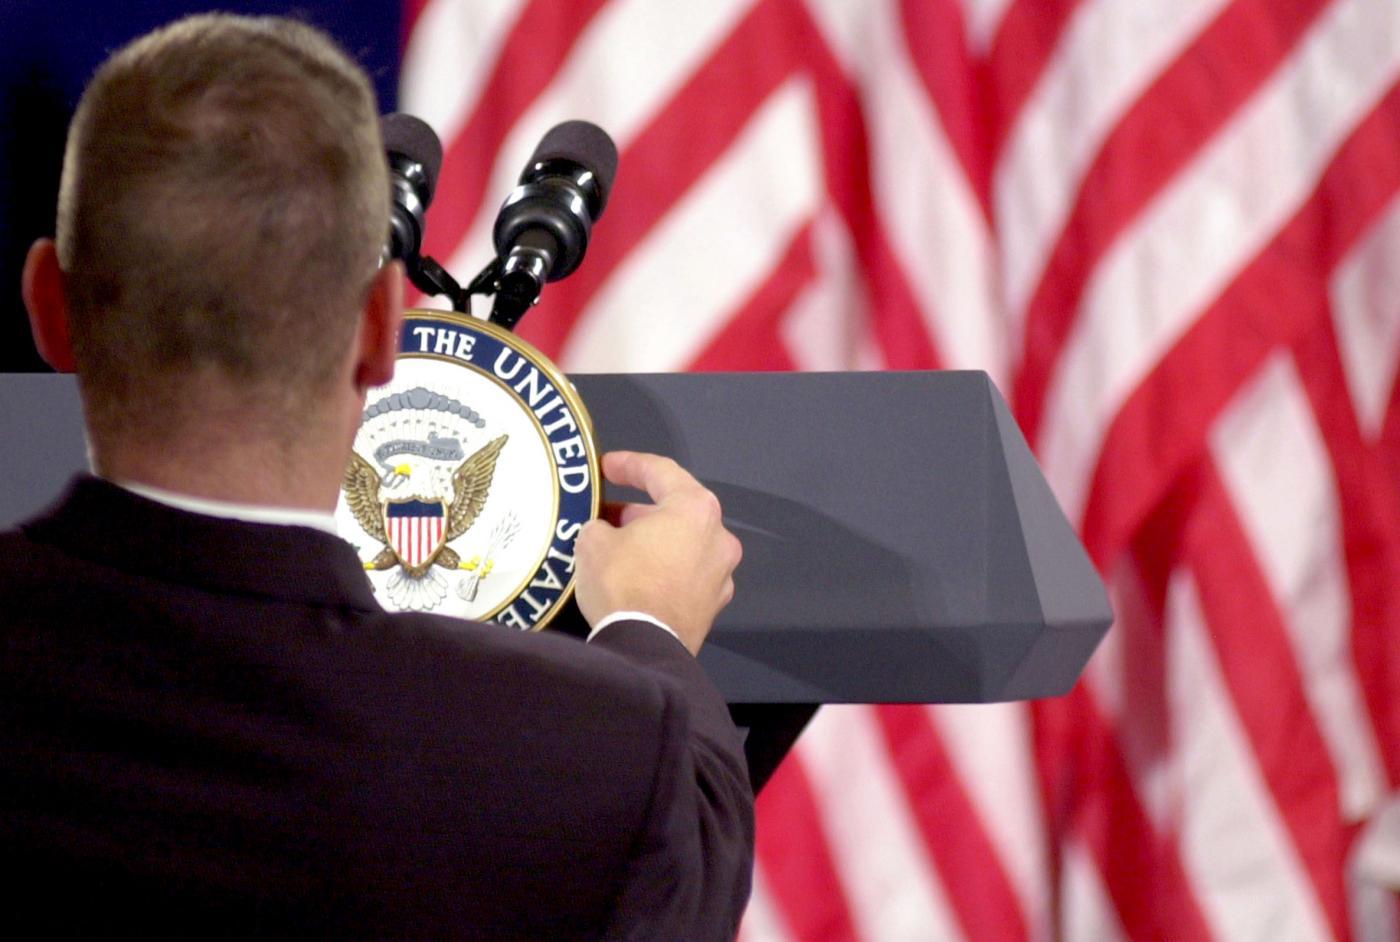 Elezioni Usa 2016: quando entra in carica il presidente?